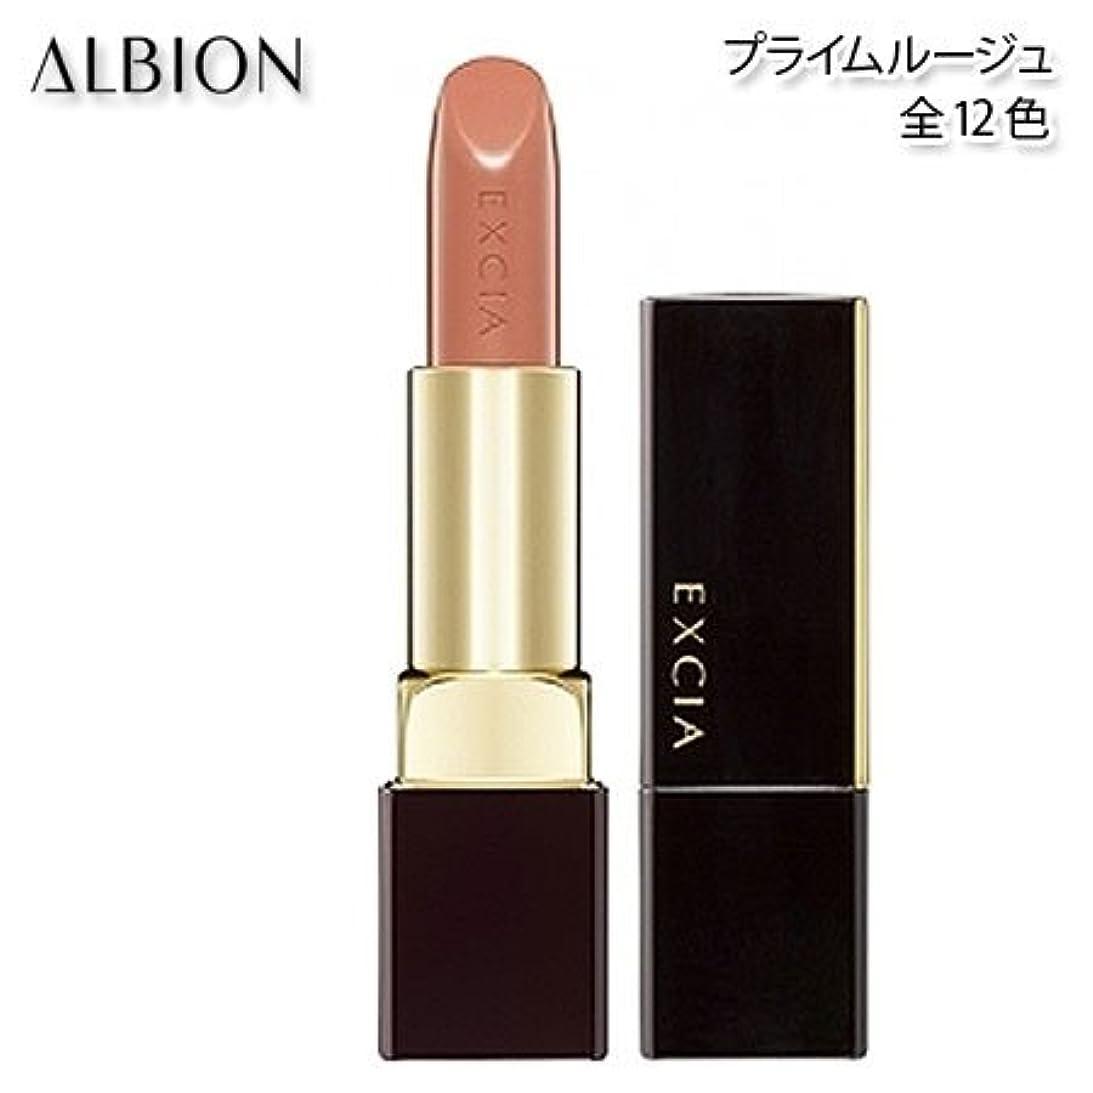 上昇クレデンシャル支給アルビオン エクシア AL プライムルージュ 4.2g 12色 -ALBION- BE400